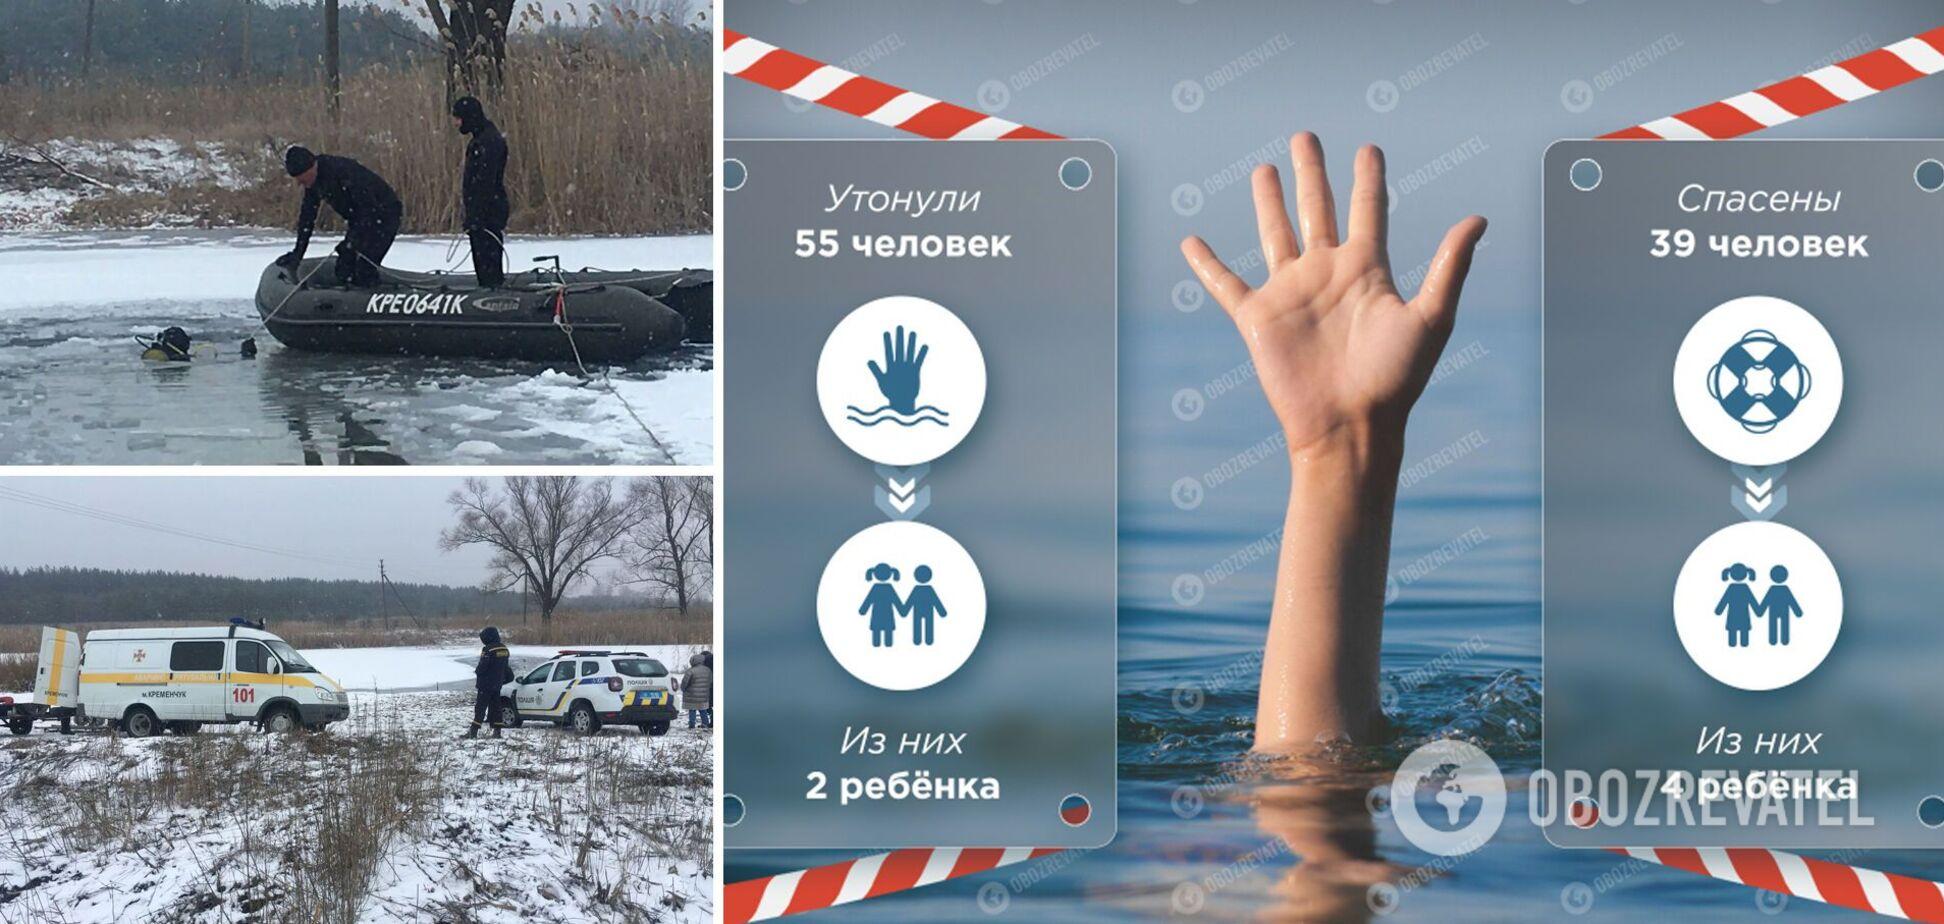 На Полтавщині мама і дочка провалилися під лід: подробиці смертельної трагедії